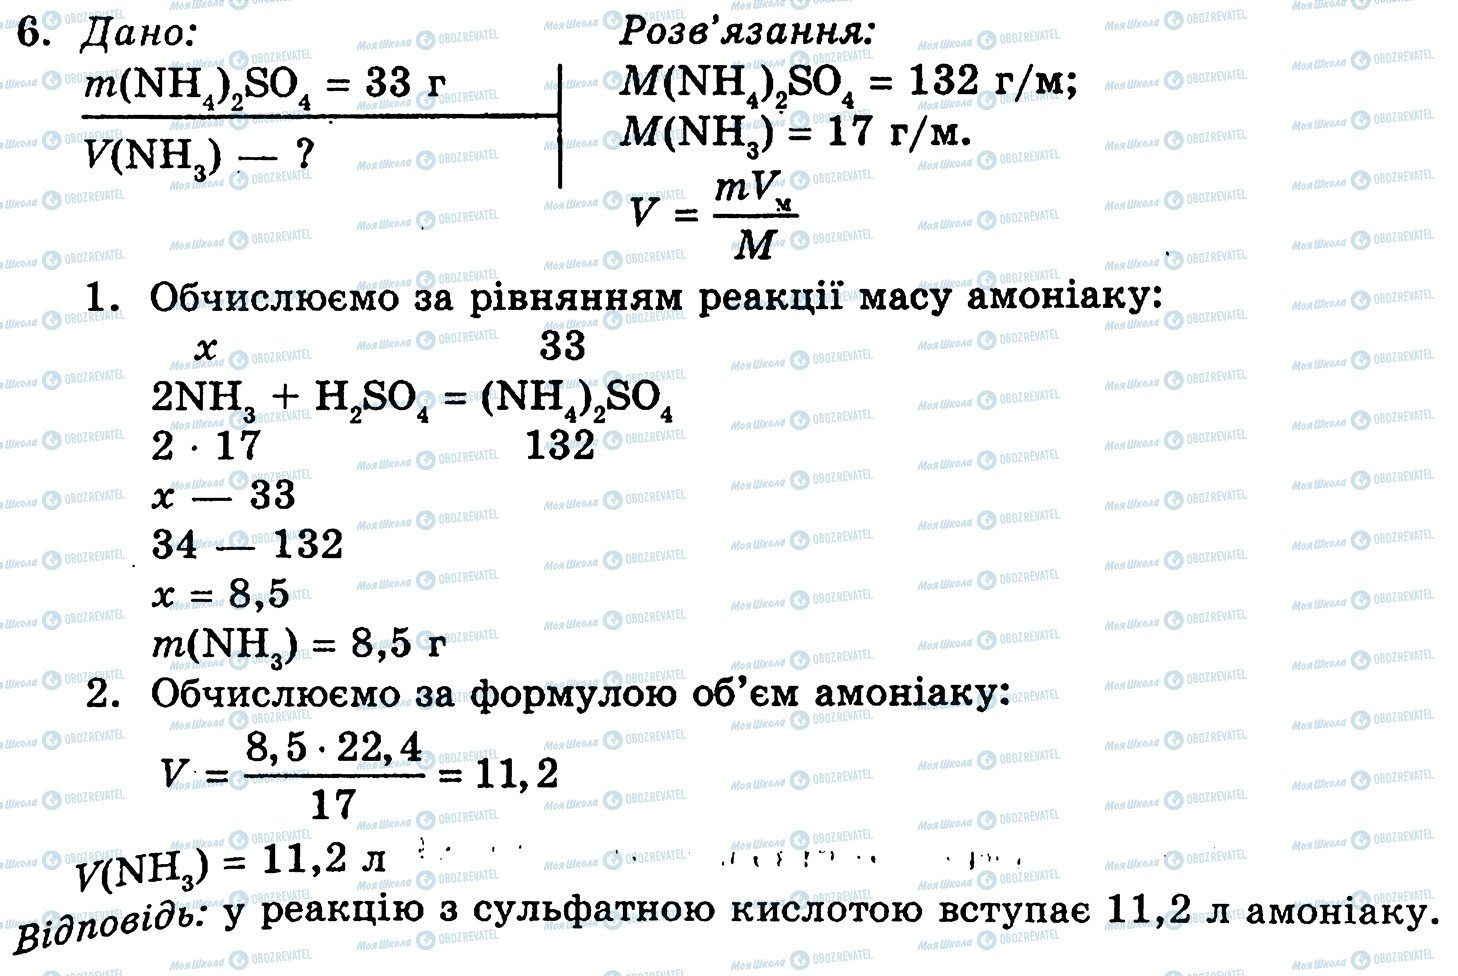 ГДЗ Хімія 10 клас сторінка 6